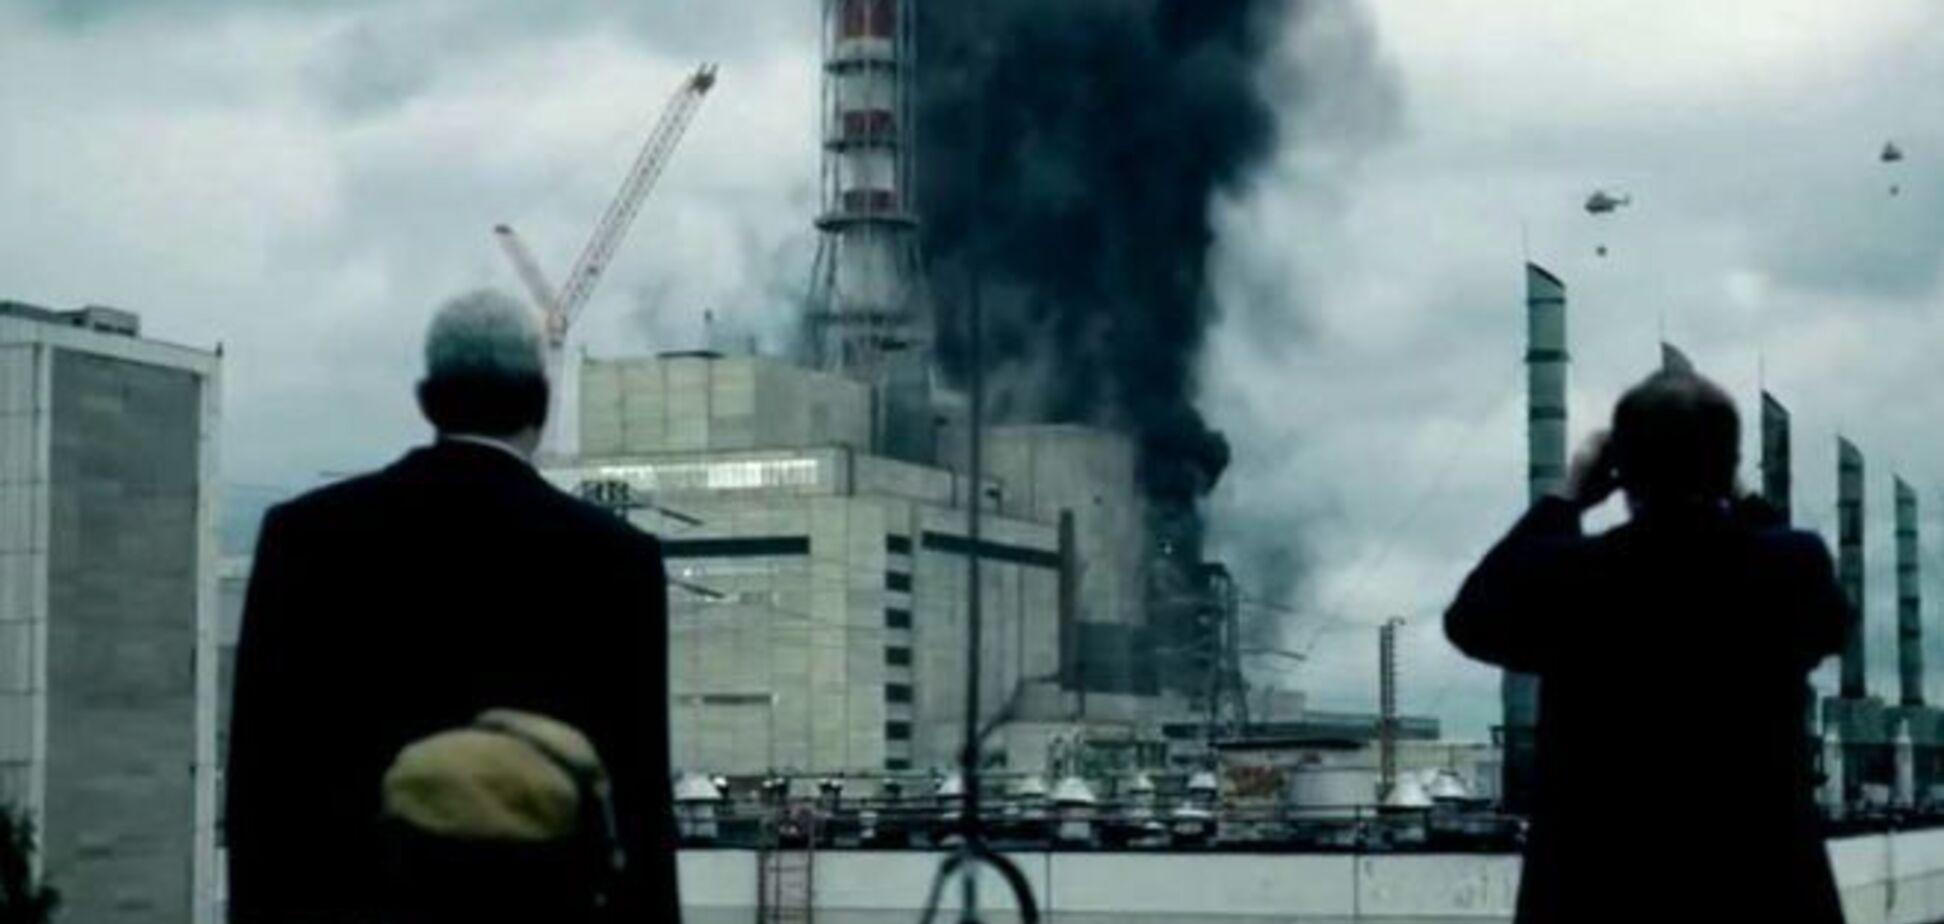 Серіал HBO 'Чорнобиль': правда про народну трагедію